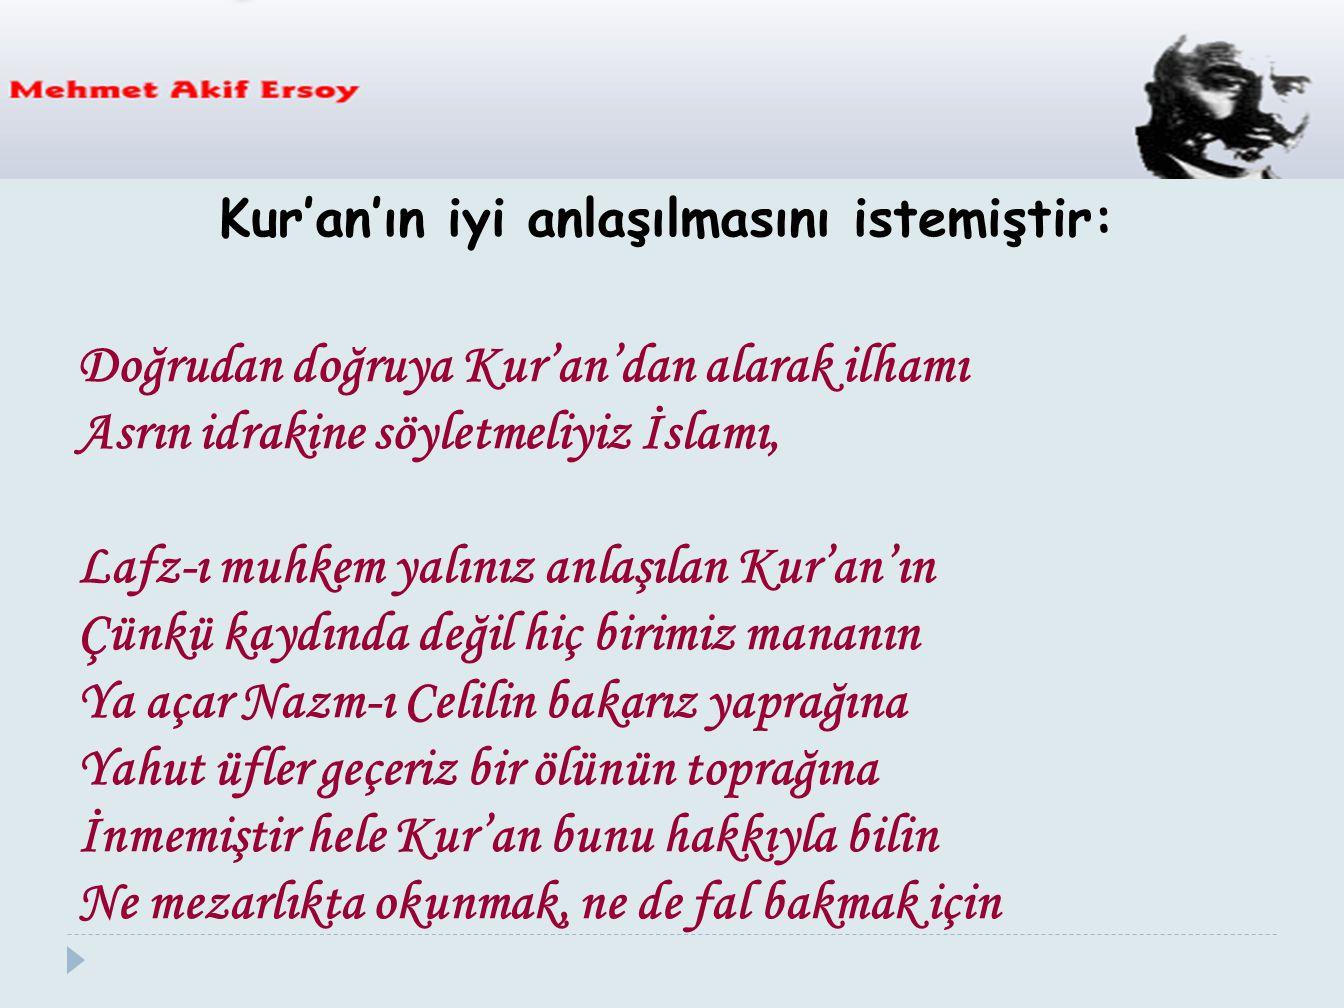 Kur'an'ın iyi anlaşılmasını istemiştir: